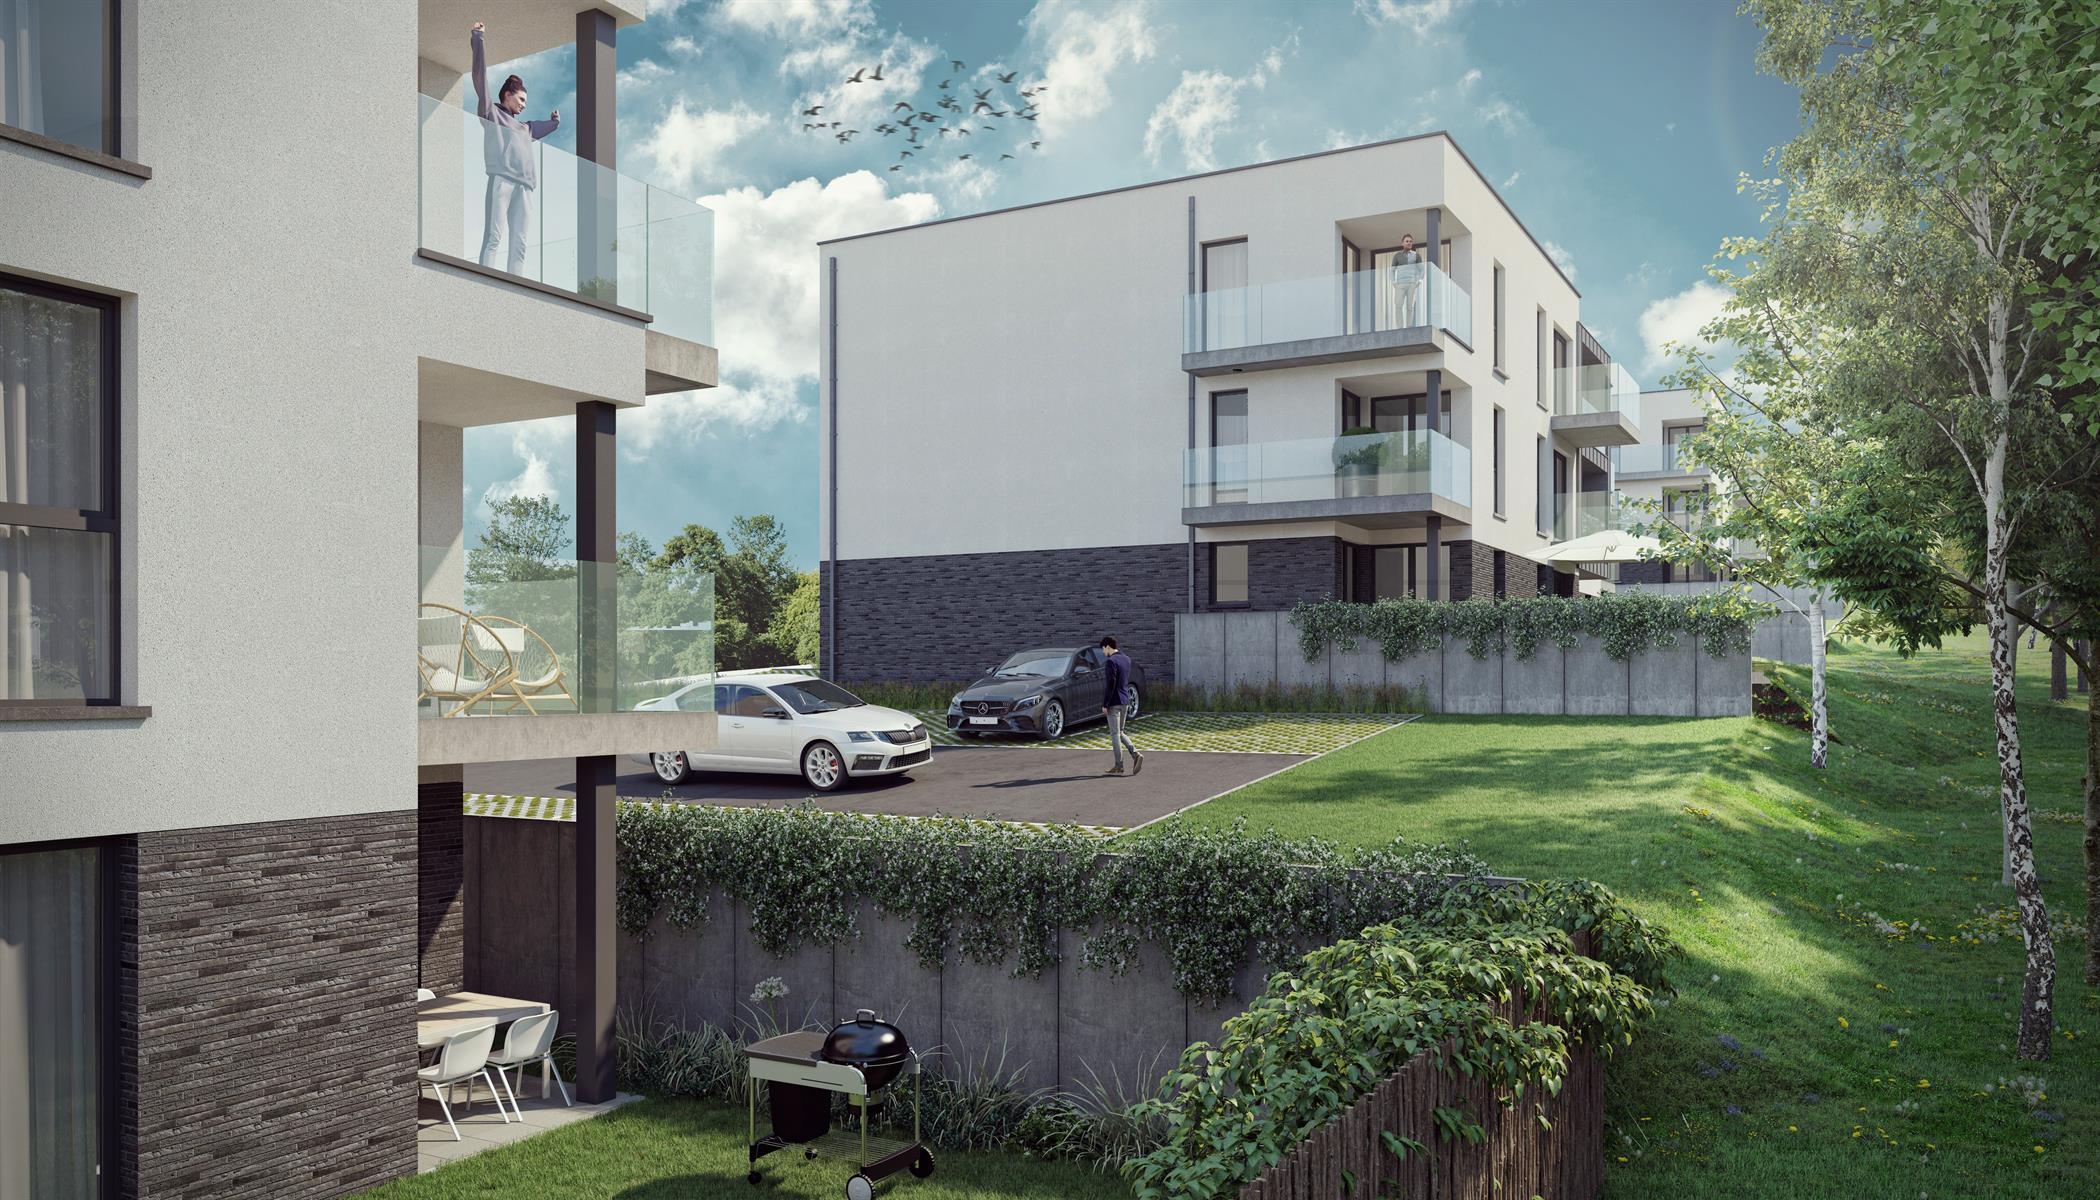 Ground floor with garden - Flemalle - #4197026-35